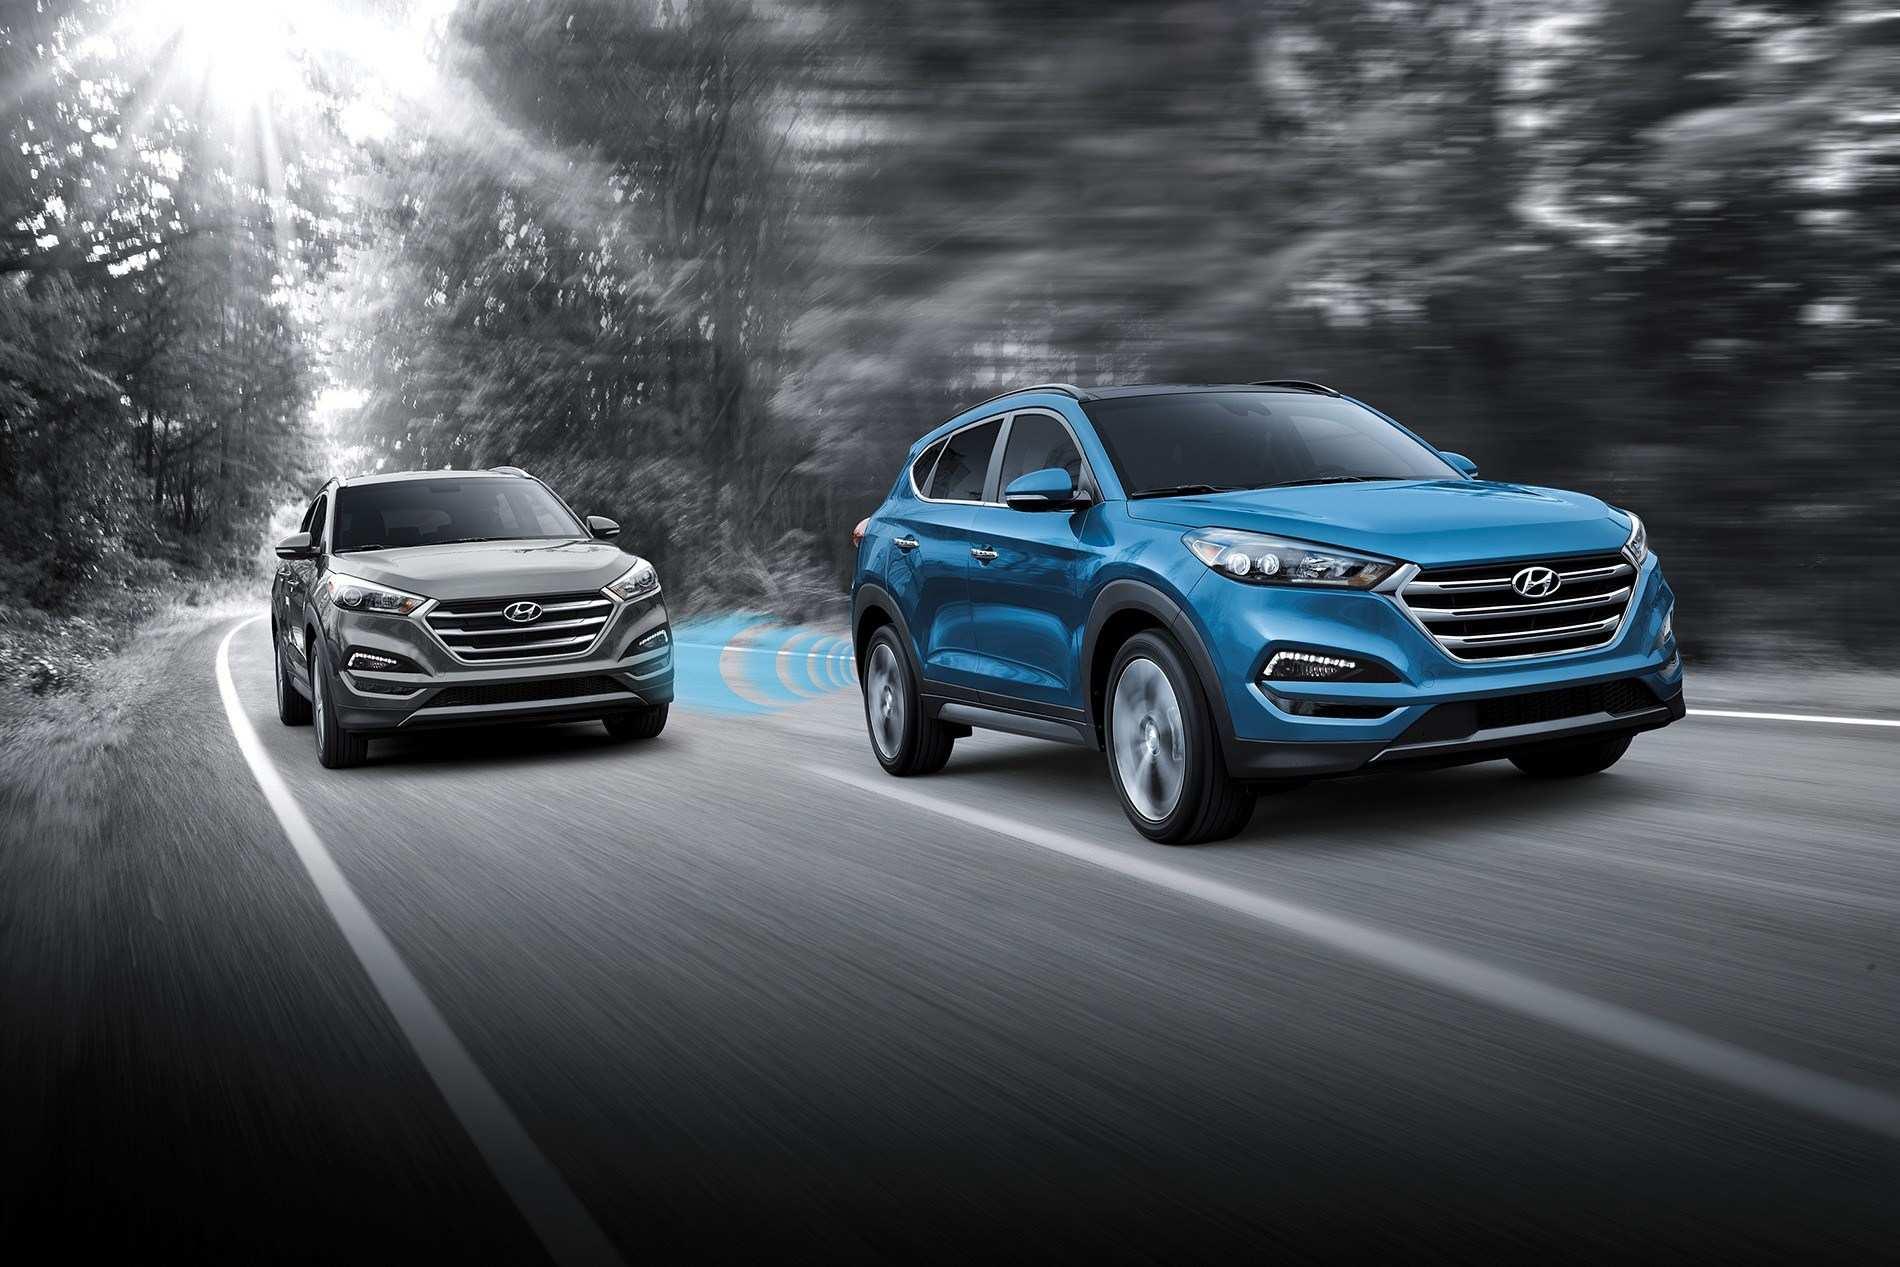 Hyundai Cars - Safety